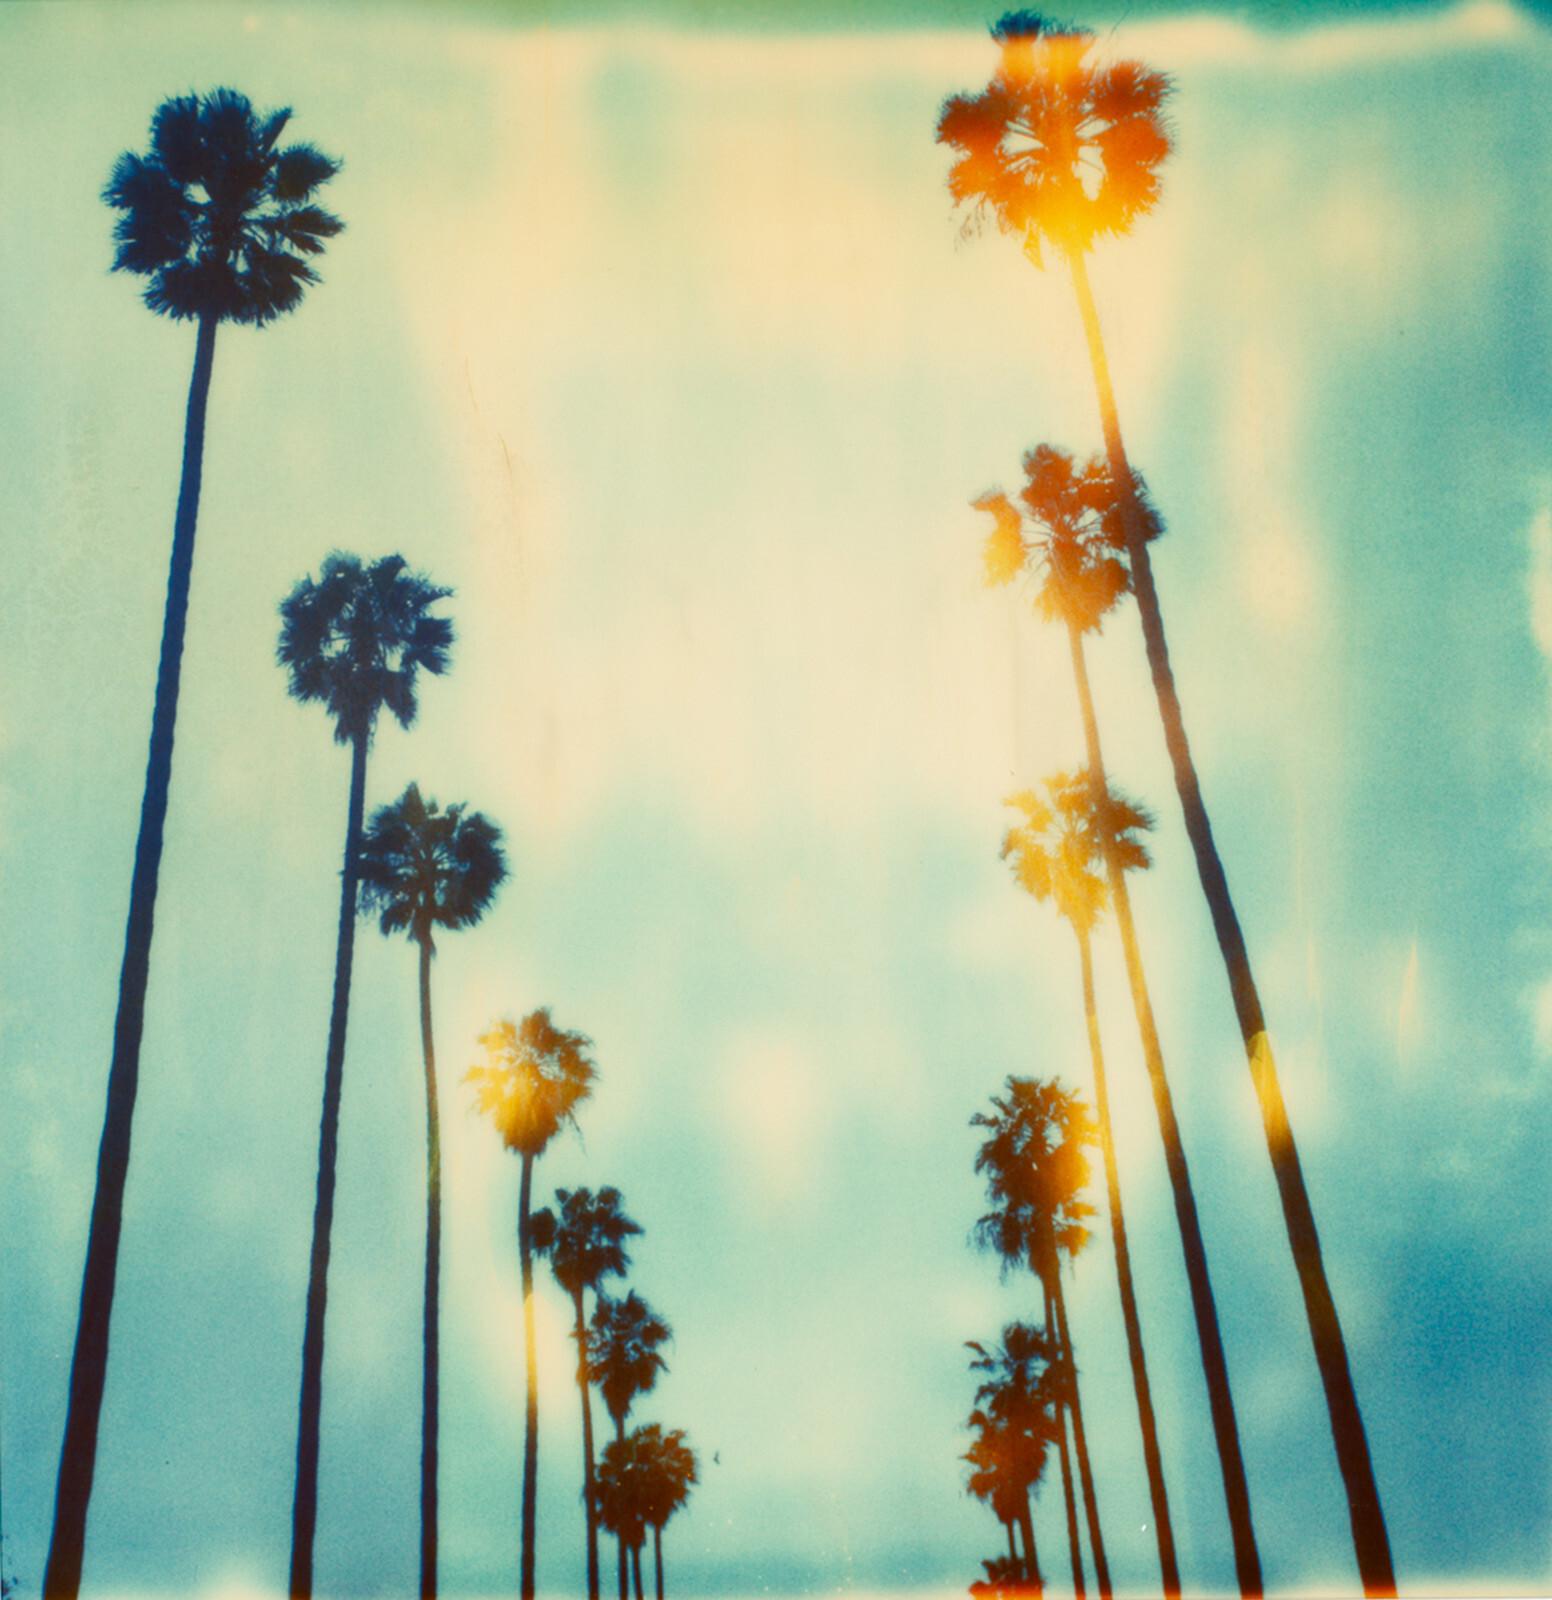 palm trees on wilcox stefanie schneider bilder fotografie foto kunst online bei lumas. Black Bedroom Furniture Sets. Home Design Ideas